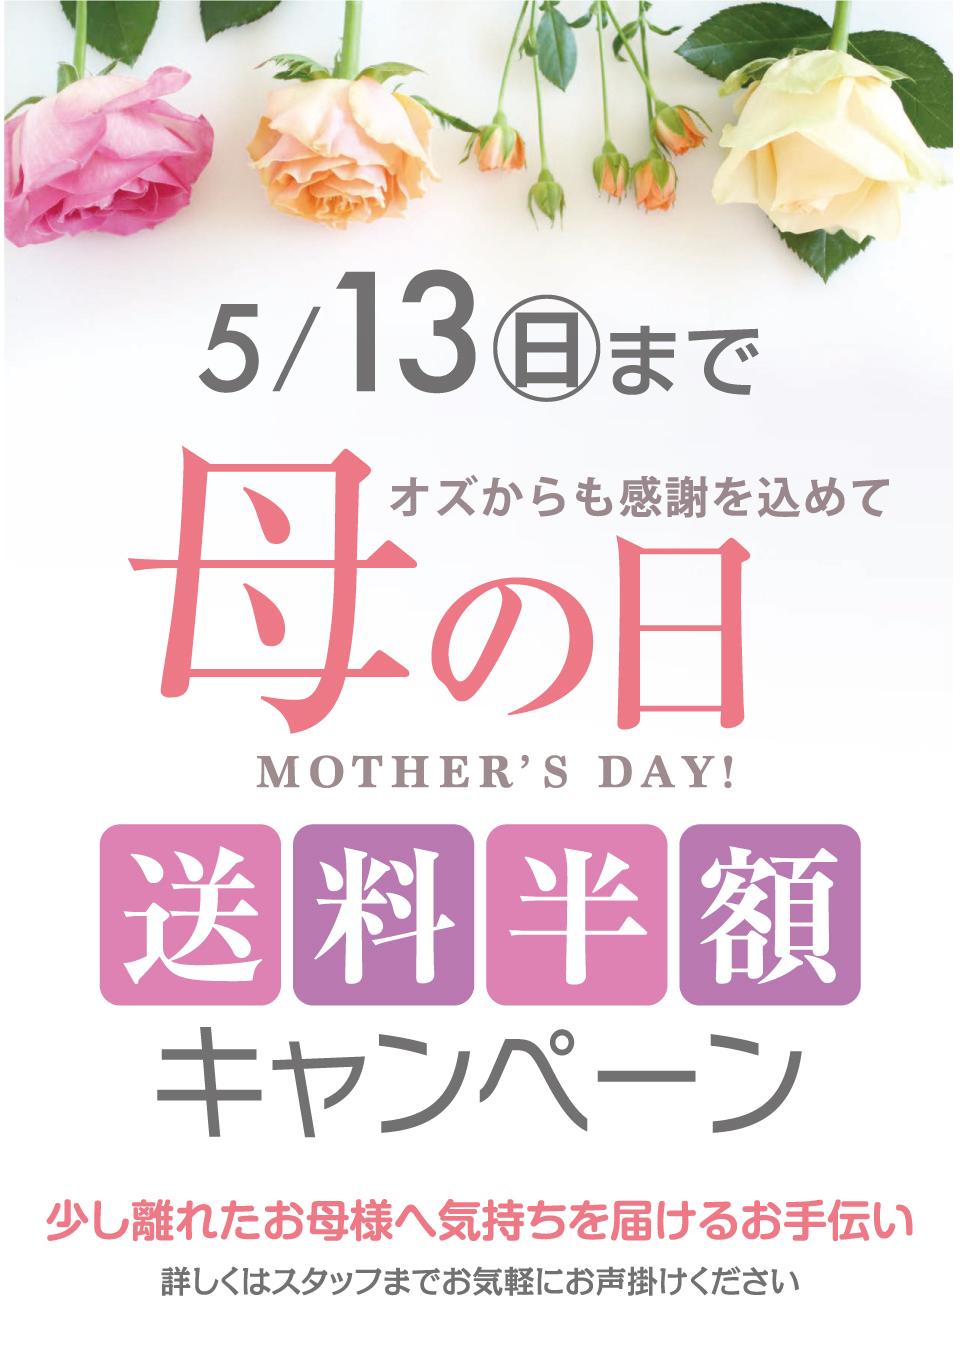 母の日のプレゼント配送料半額キャンペーン イメージ